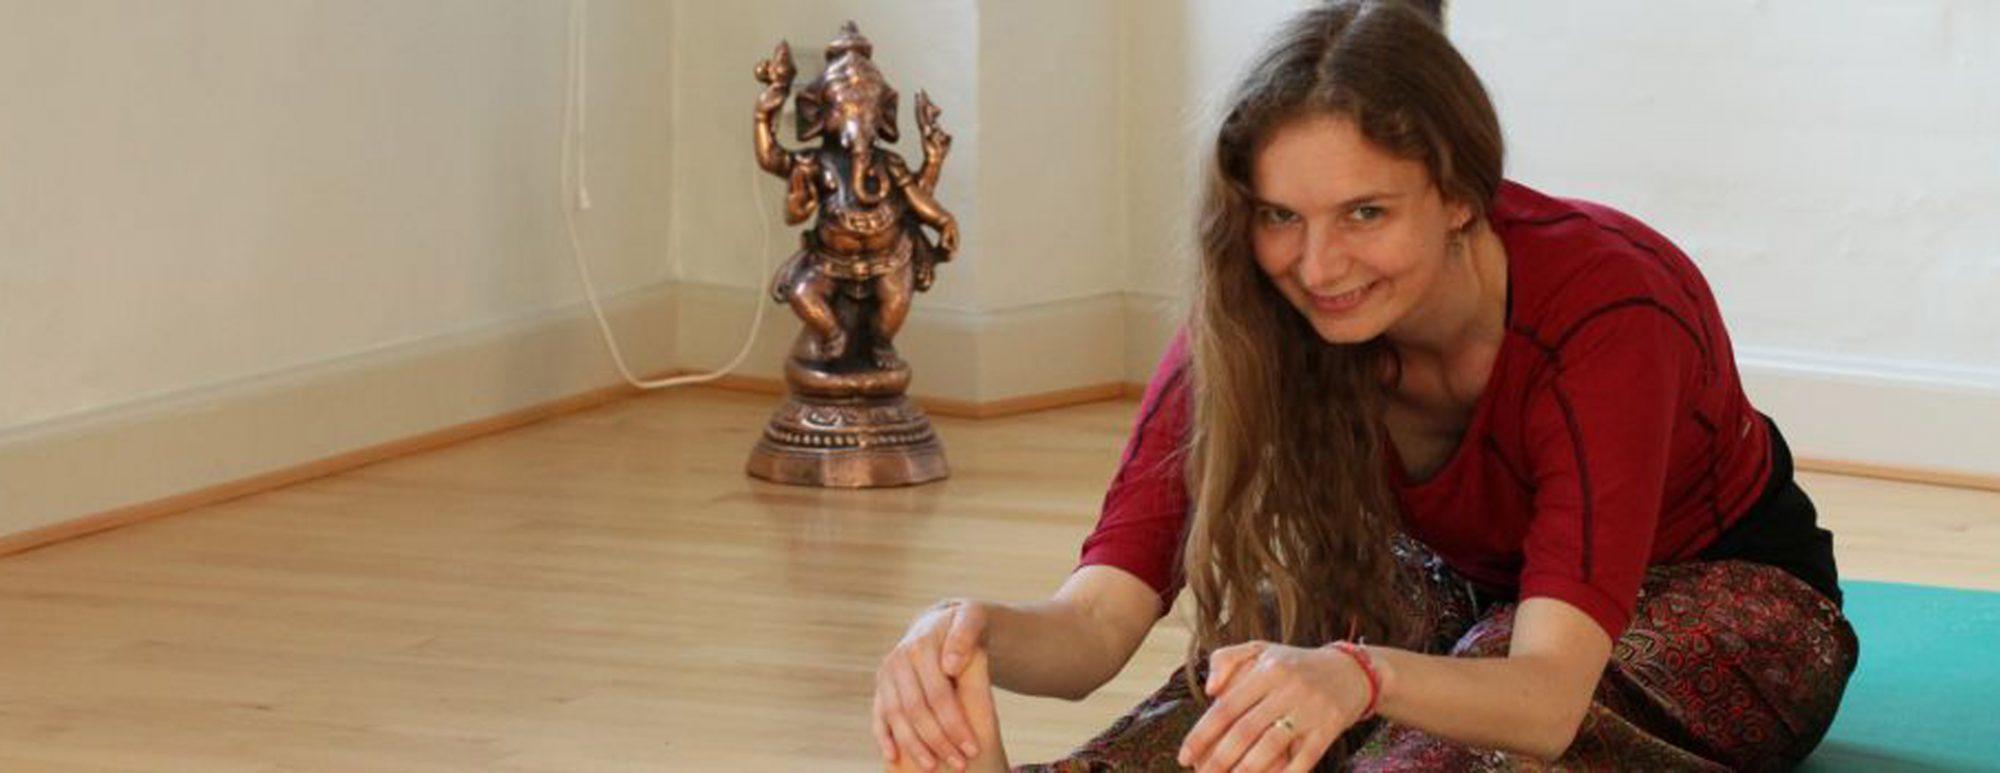 Helene Lysekilde er yogalærere, hypnoterapeut og NLP coach.